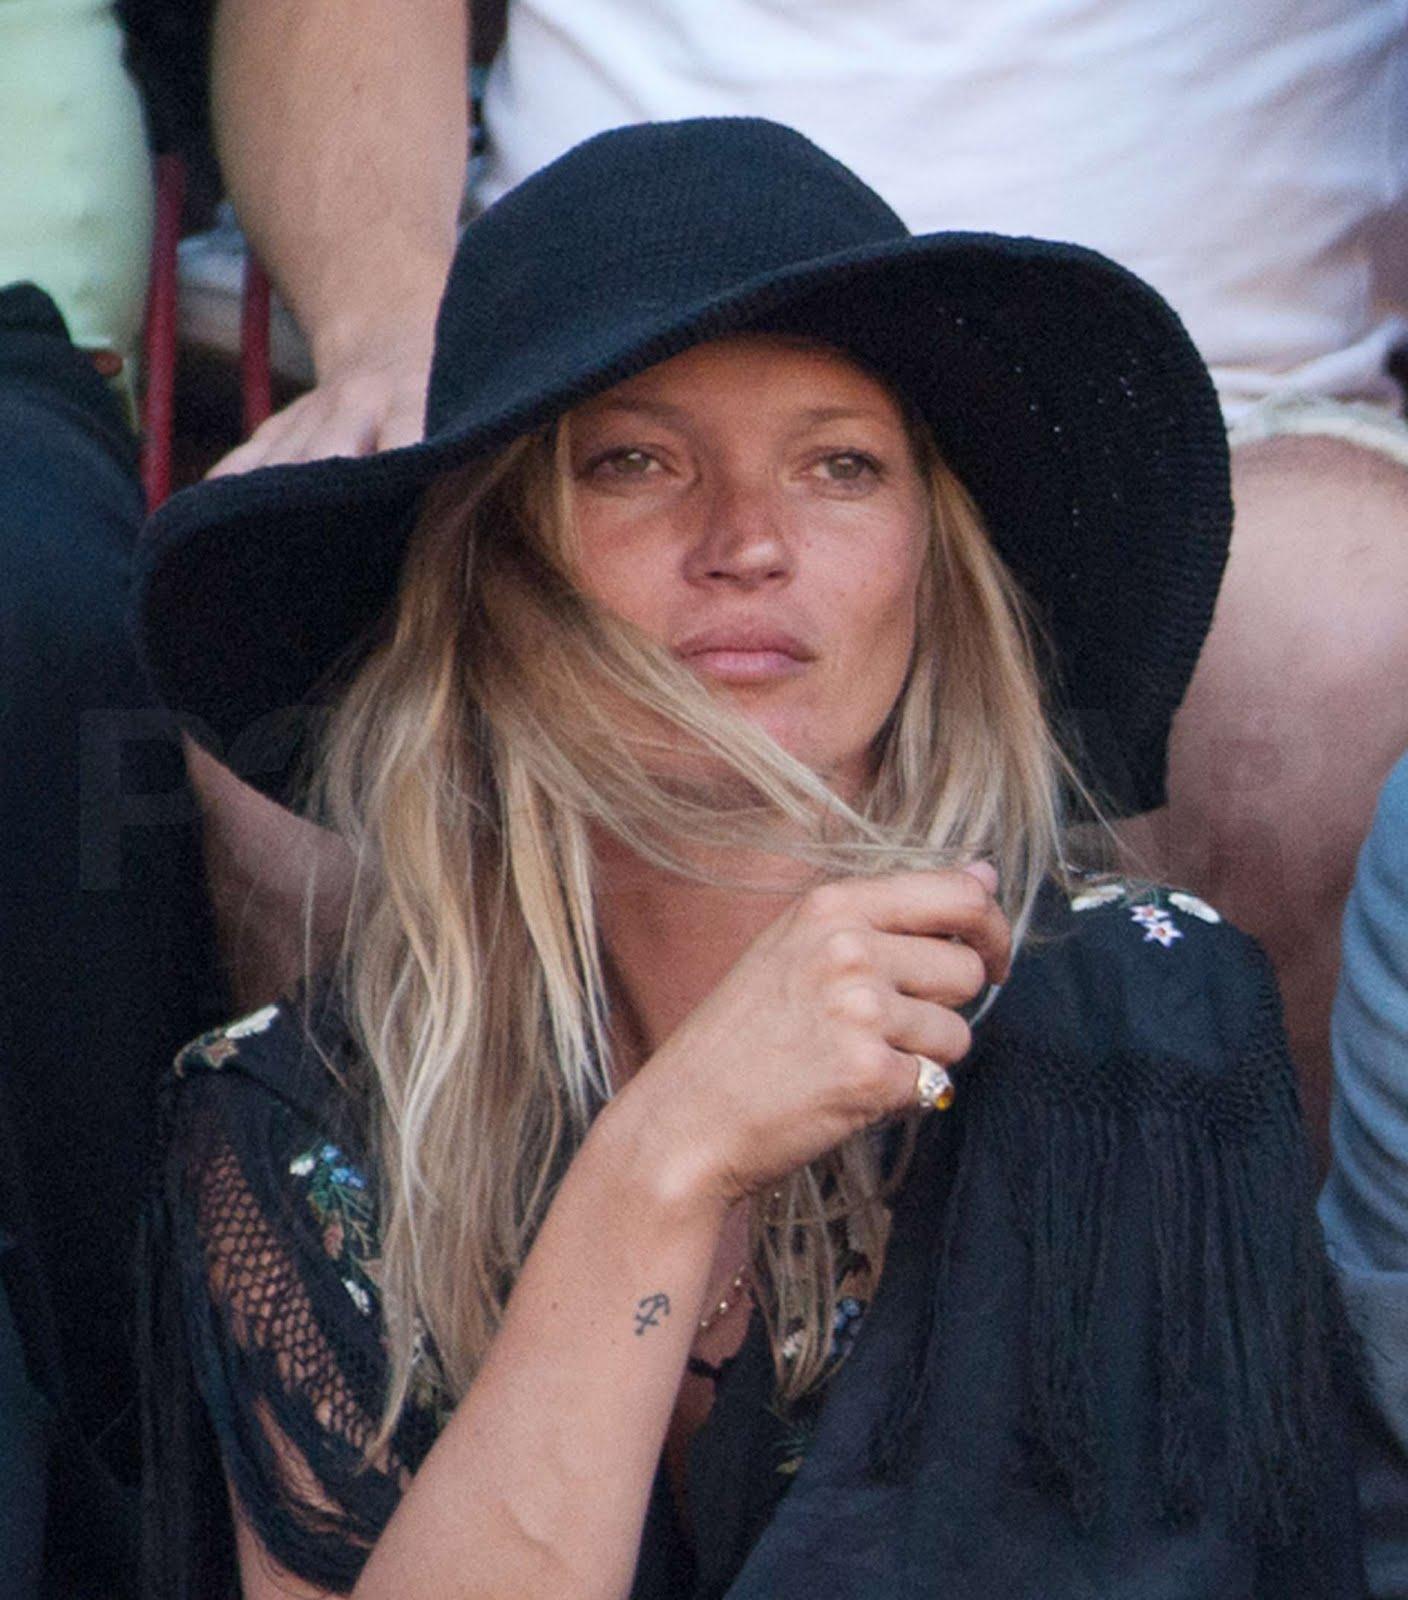 http://4.bp.blogspot.com/_PfmV3qvy8FY/TL9y3svNUpI/AAAAAAAAAFw/JugjvKntivs/s1600/la+modella+mafia++hats+Kate+Moss+at+Il+Palio+di+Siena+Horse+Race+2010.jpg